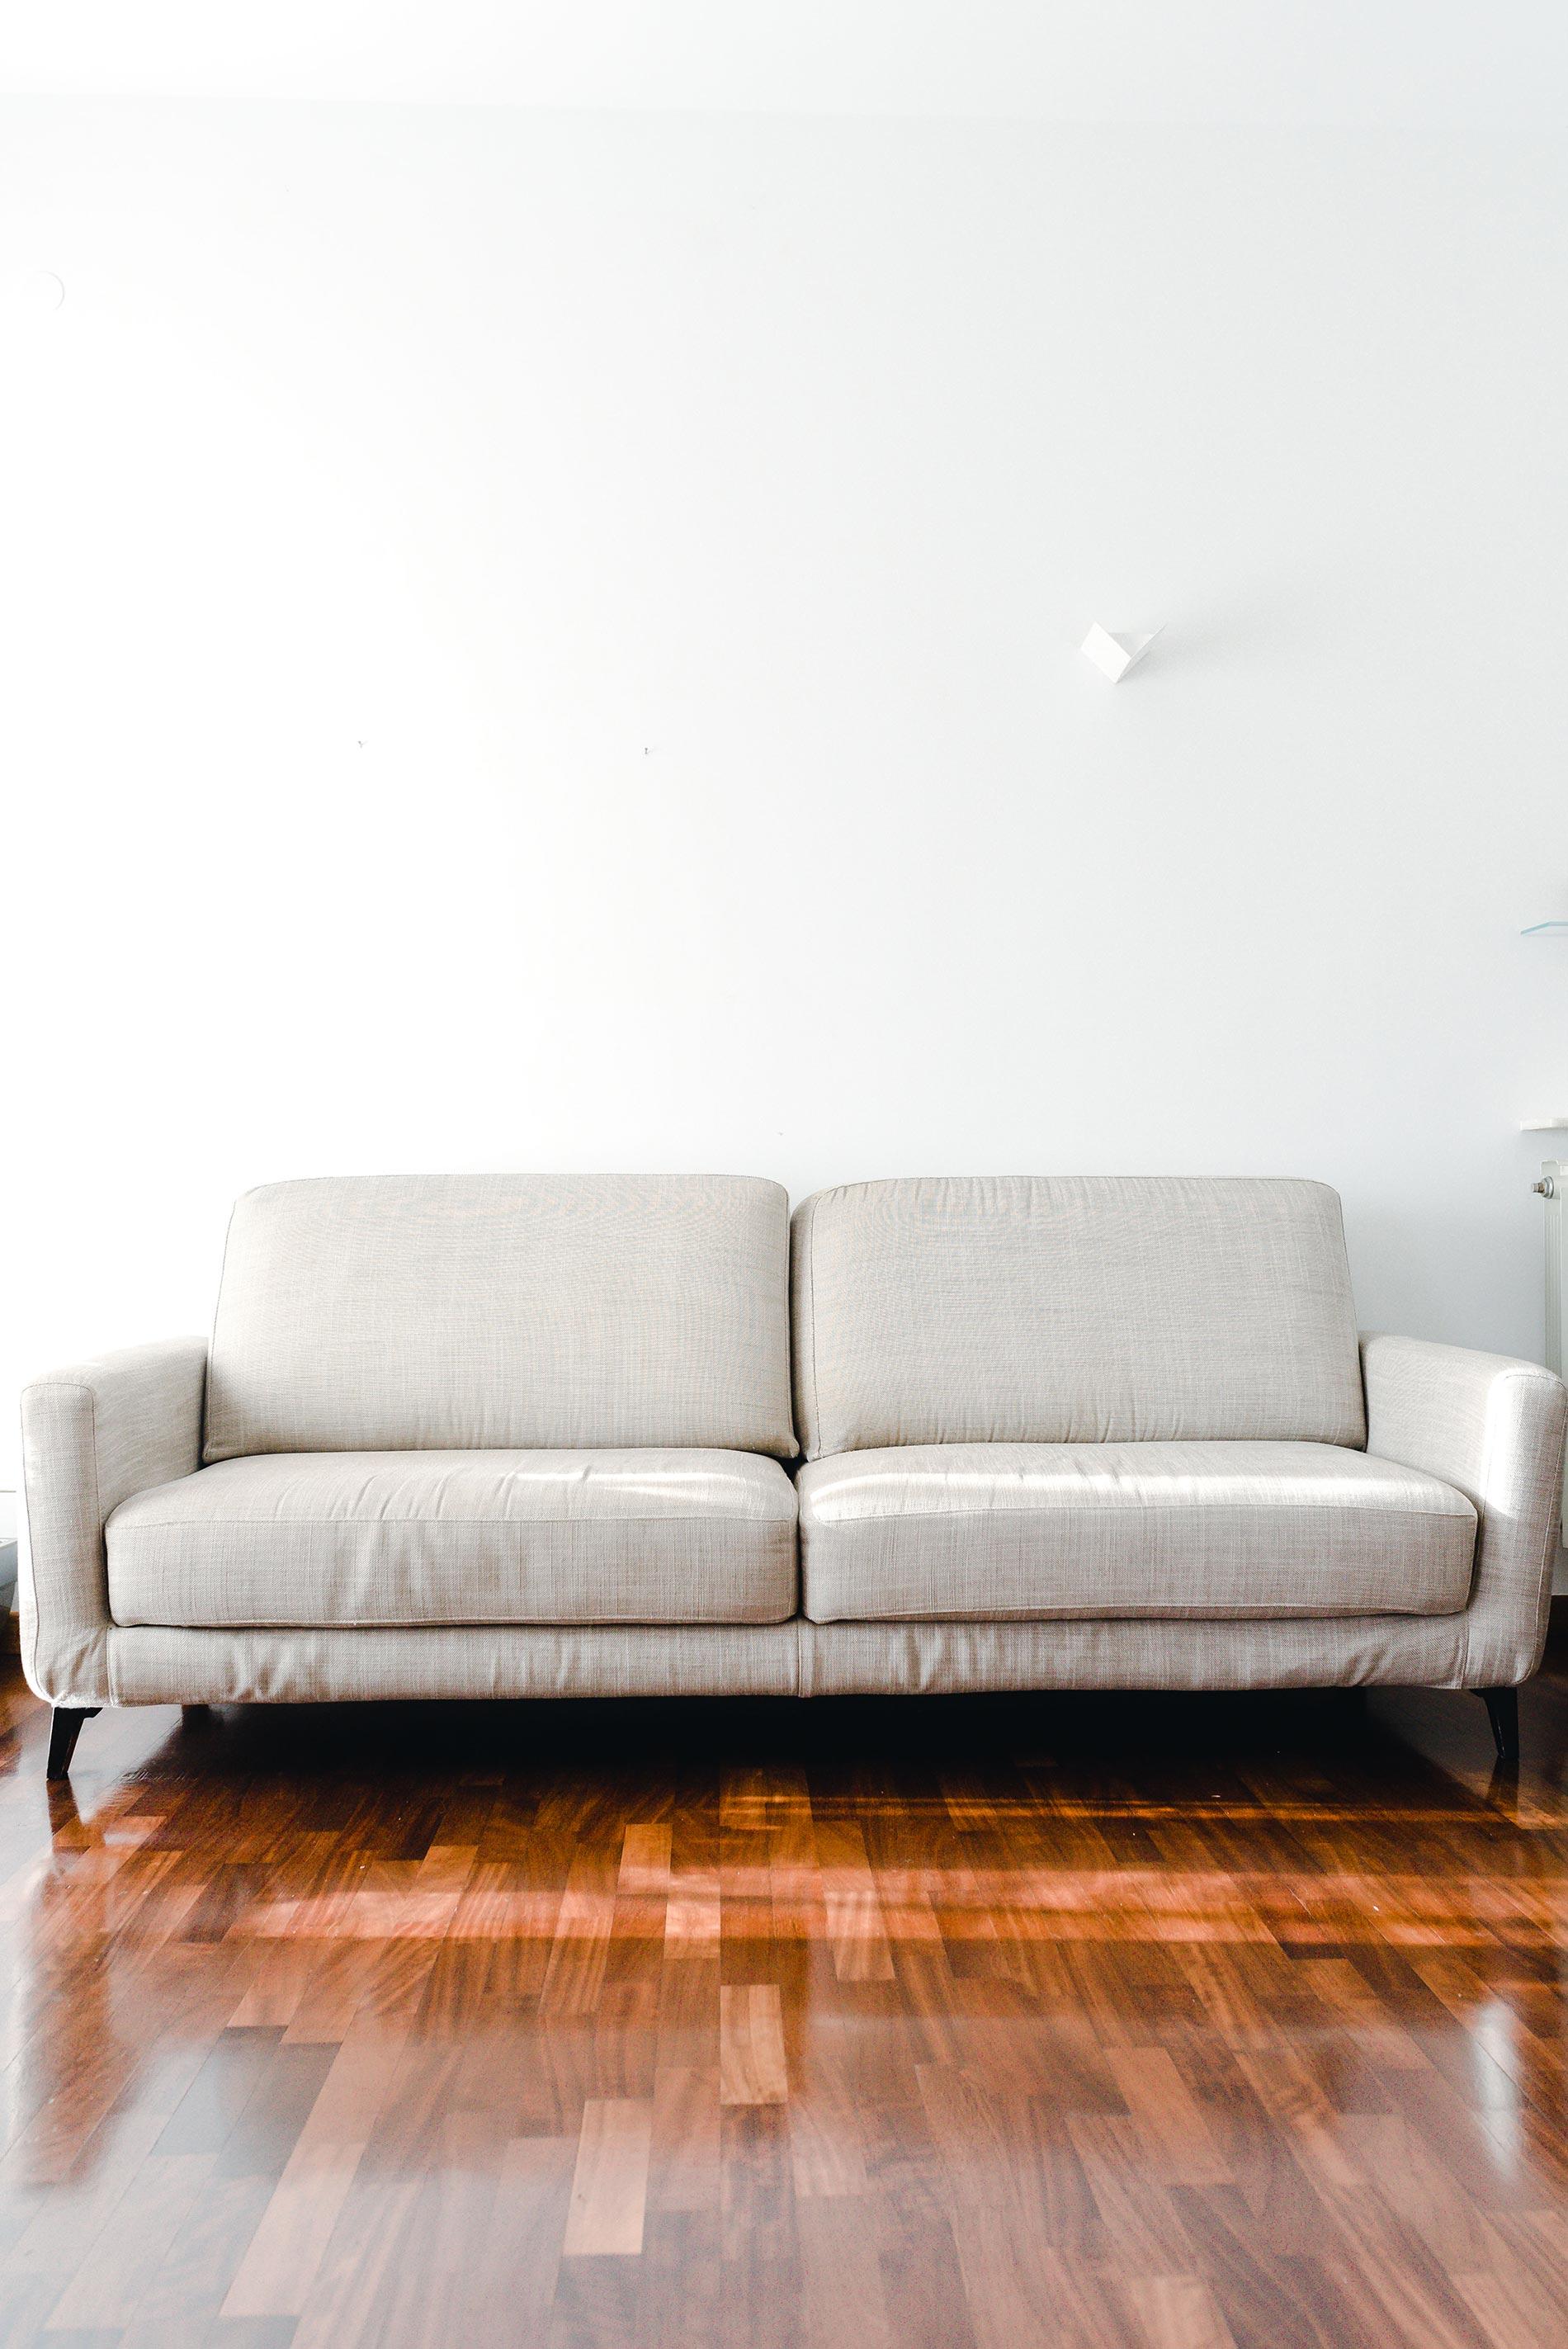 allestire un divano con i cuscini